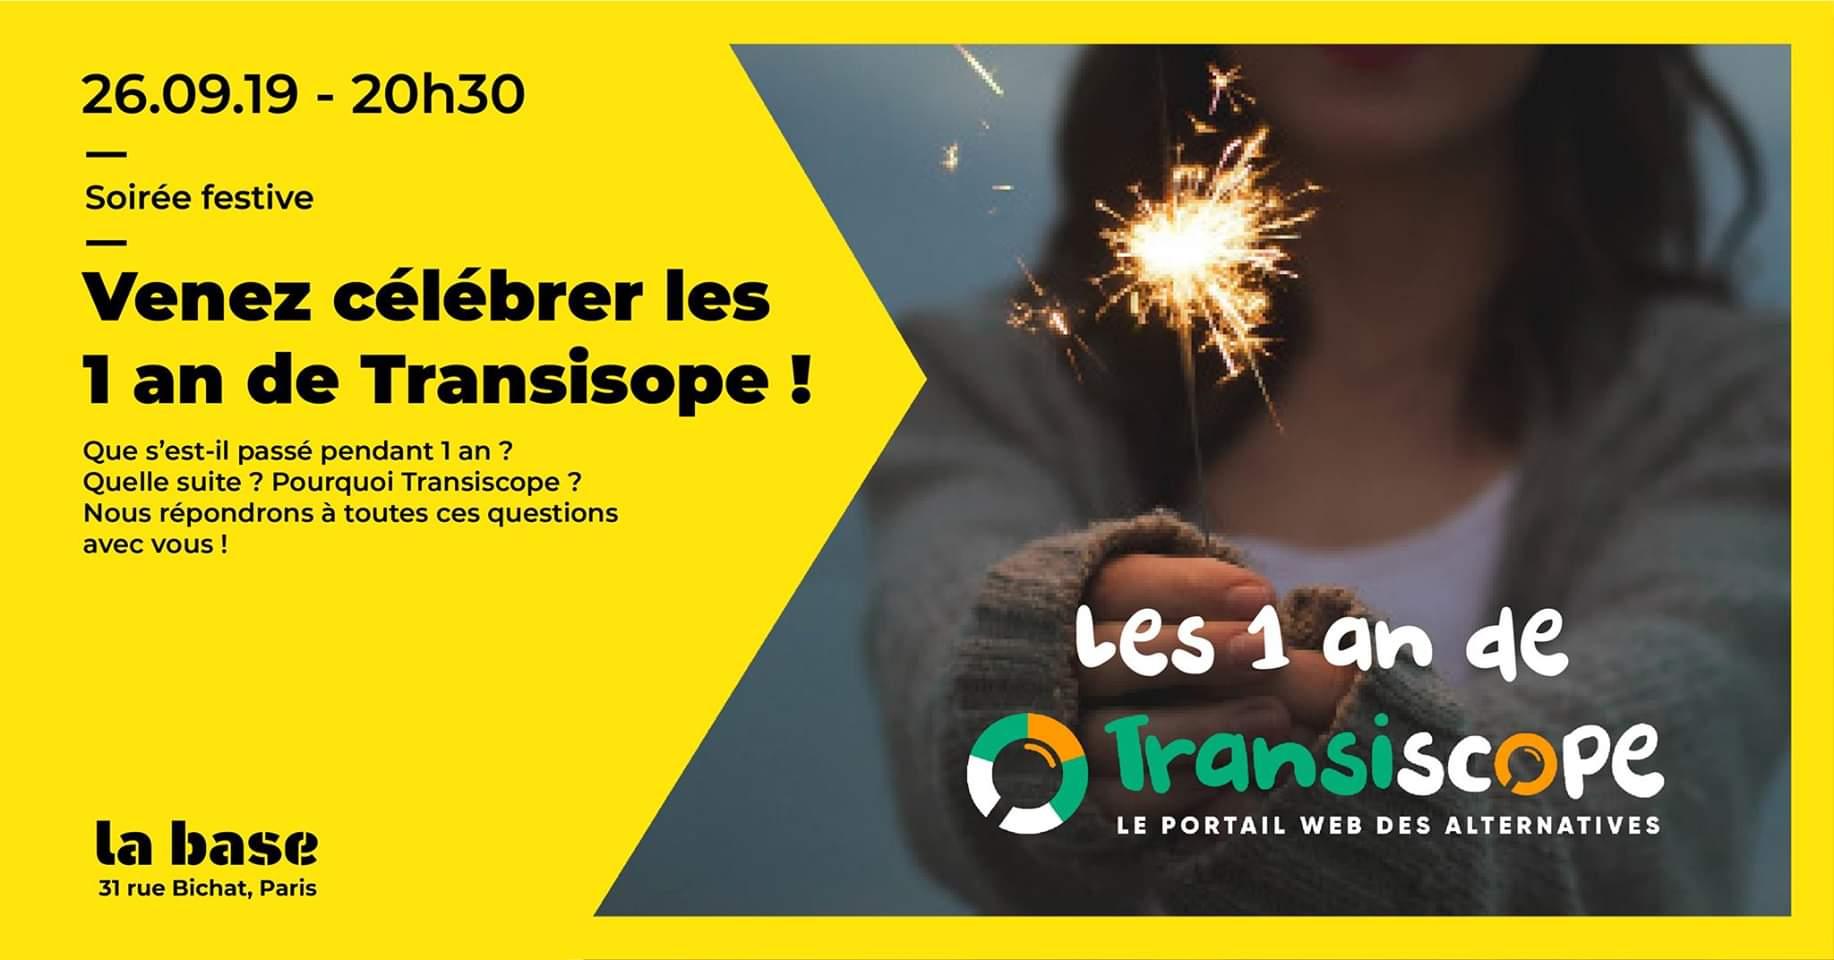 Venez Célébrer les 1 an de TRANSISCOPE